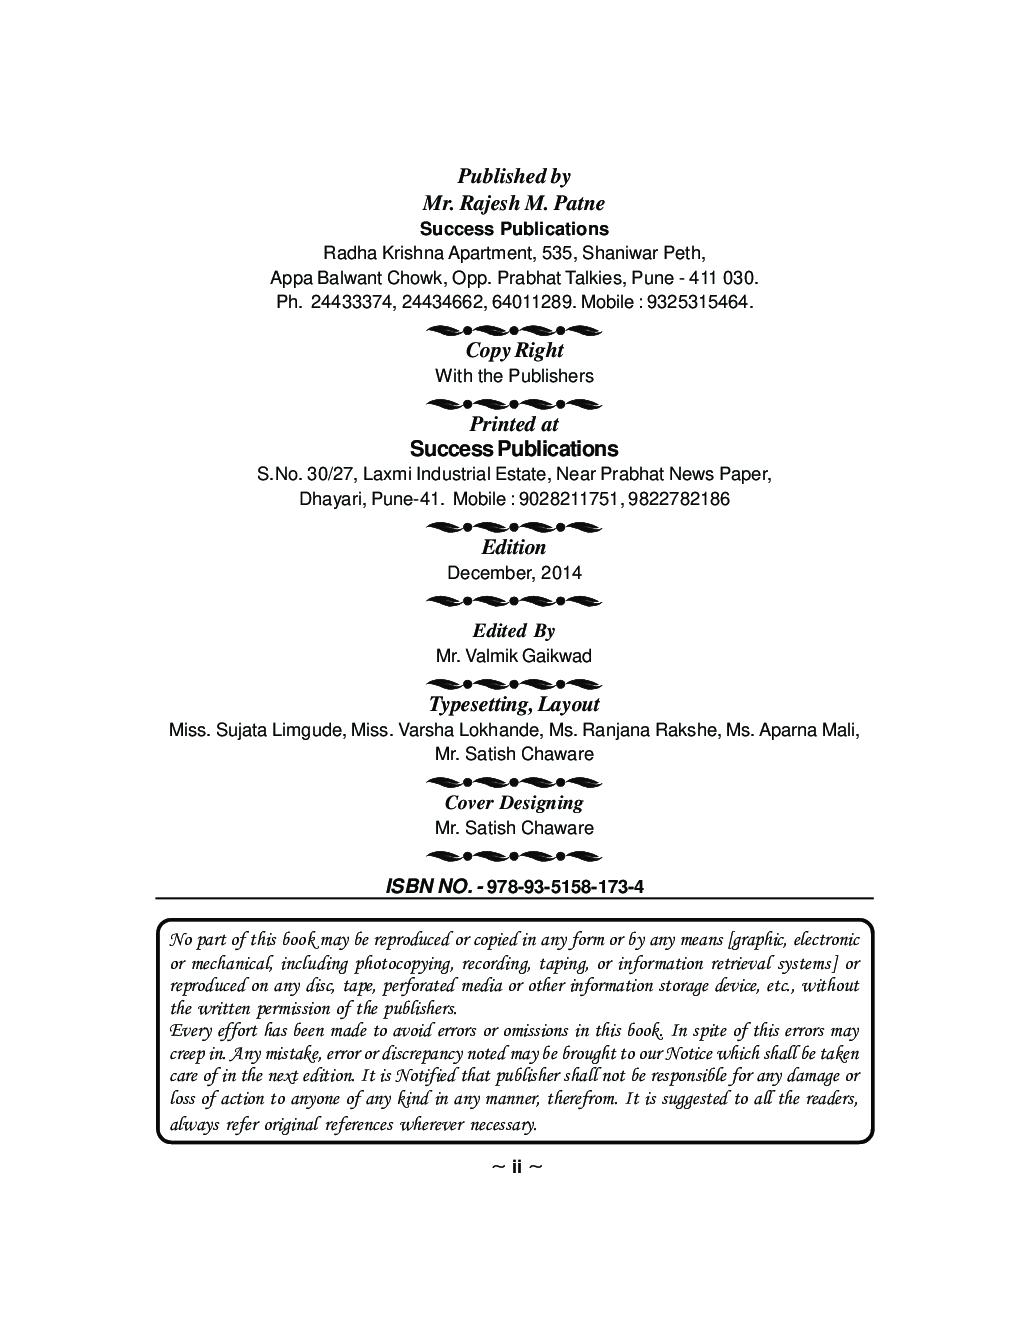 अर्थशास्त्र (संशोधन पध्दतिशास्त) - Page 3